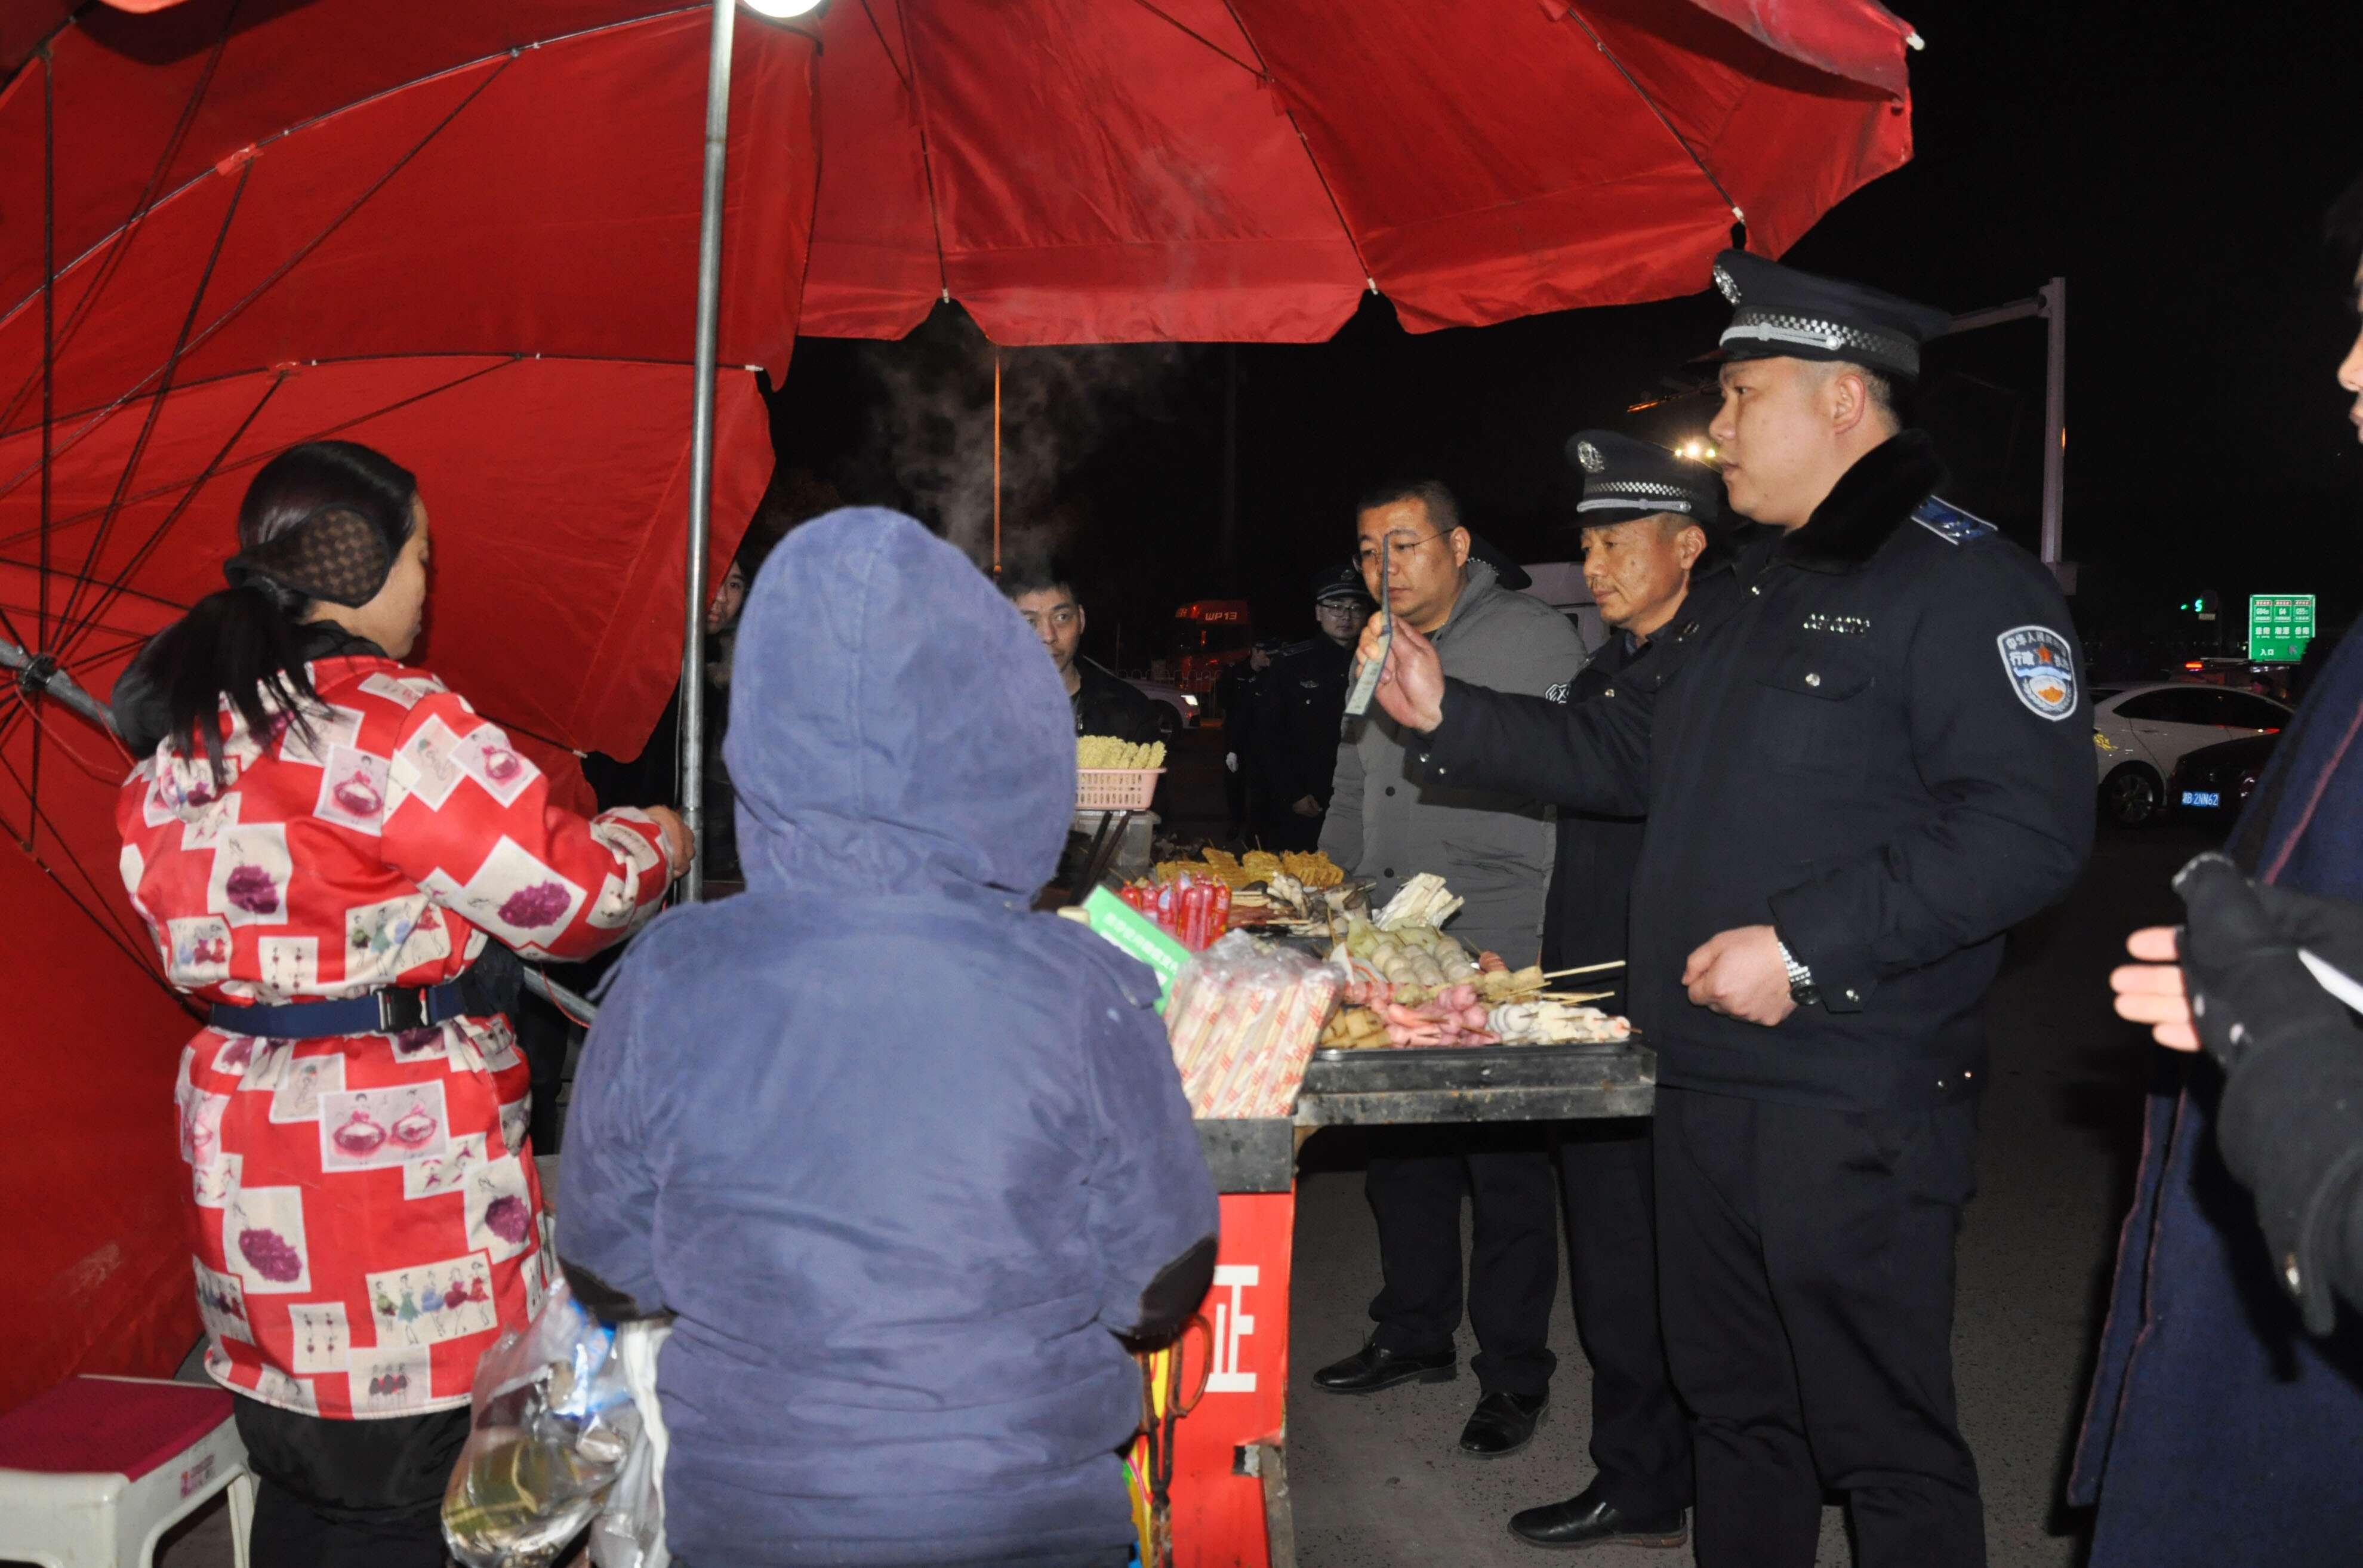 [长沙] 望城区开展燃煤散烧集中整治行动 新湖南www.hunanabc.com